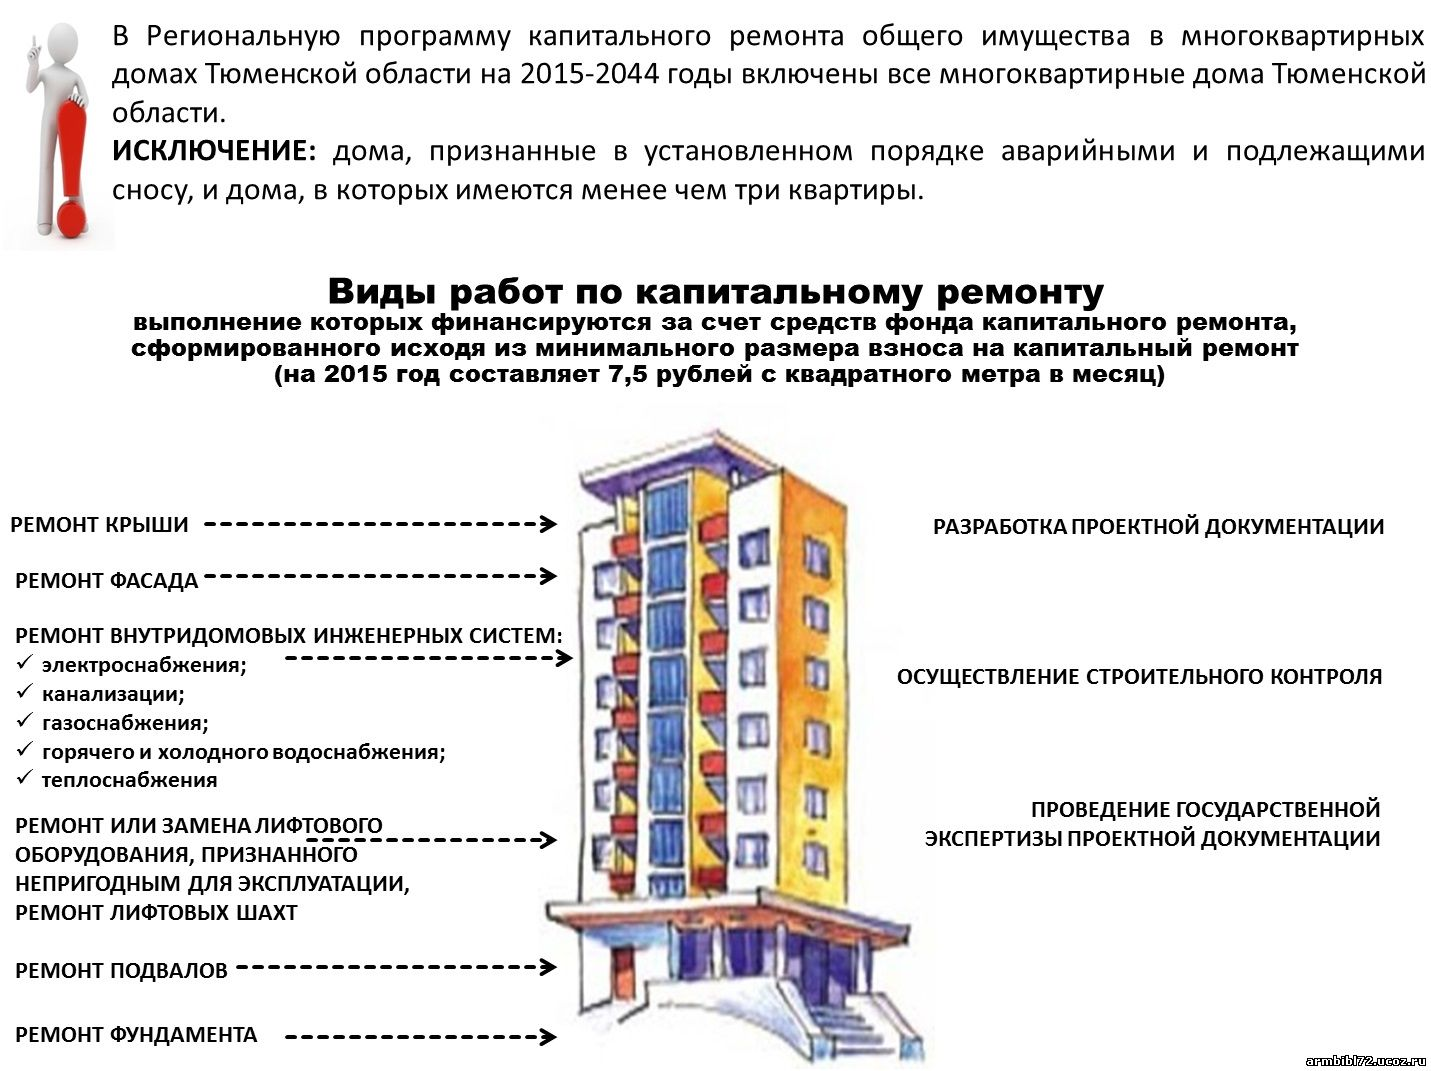 вопросы по капитальному ремонту многоквартирного дома